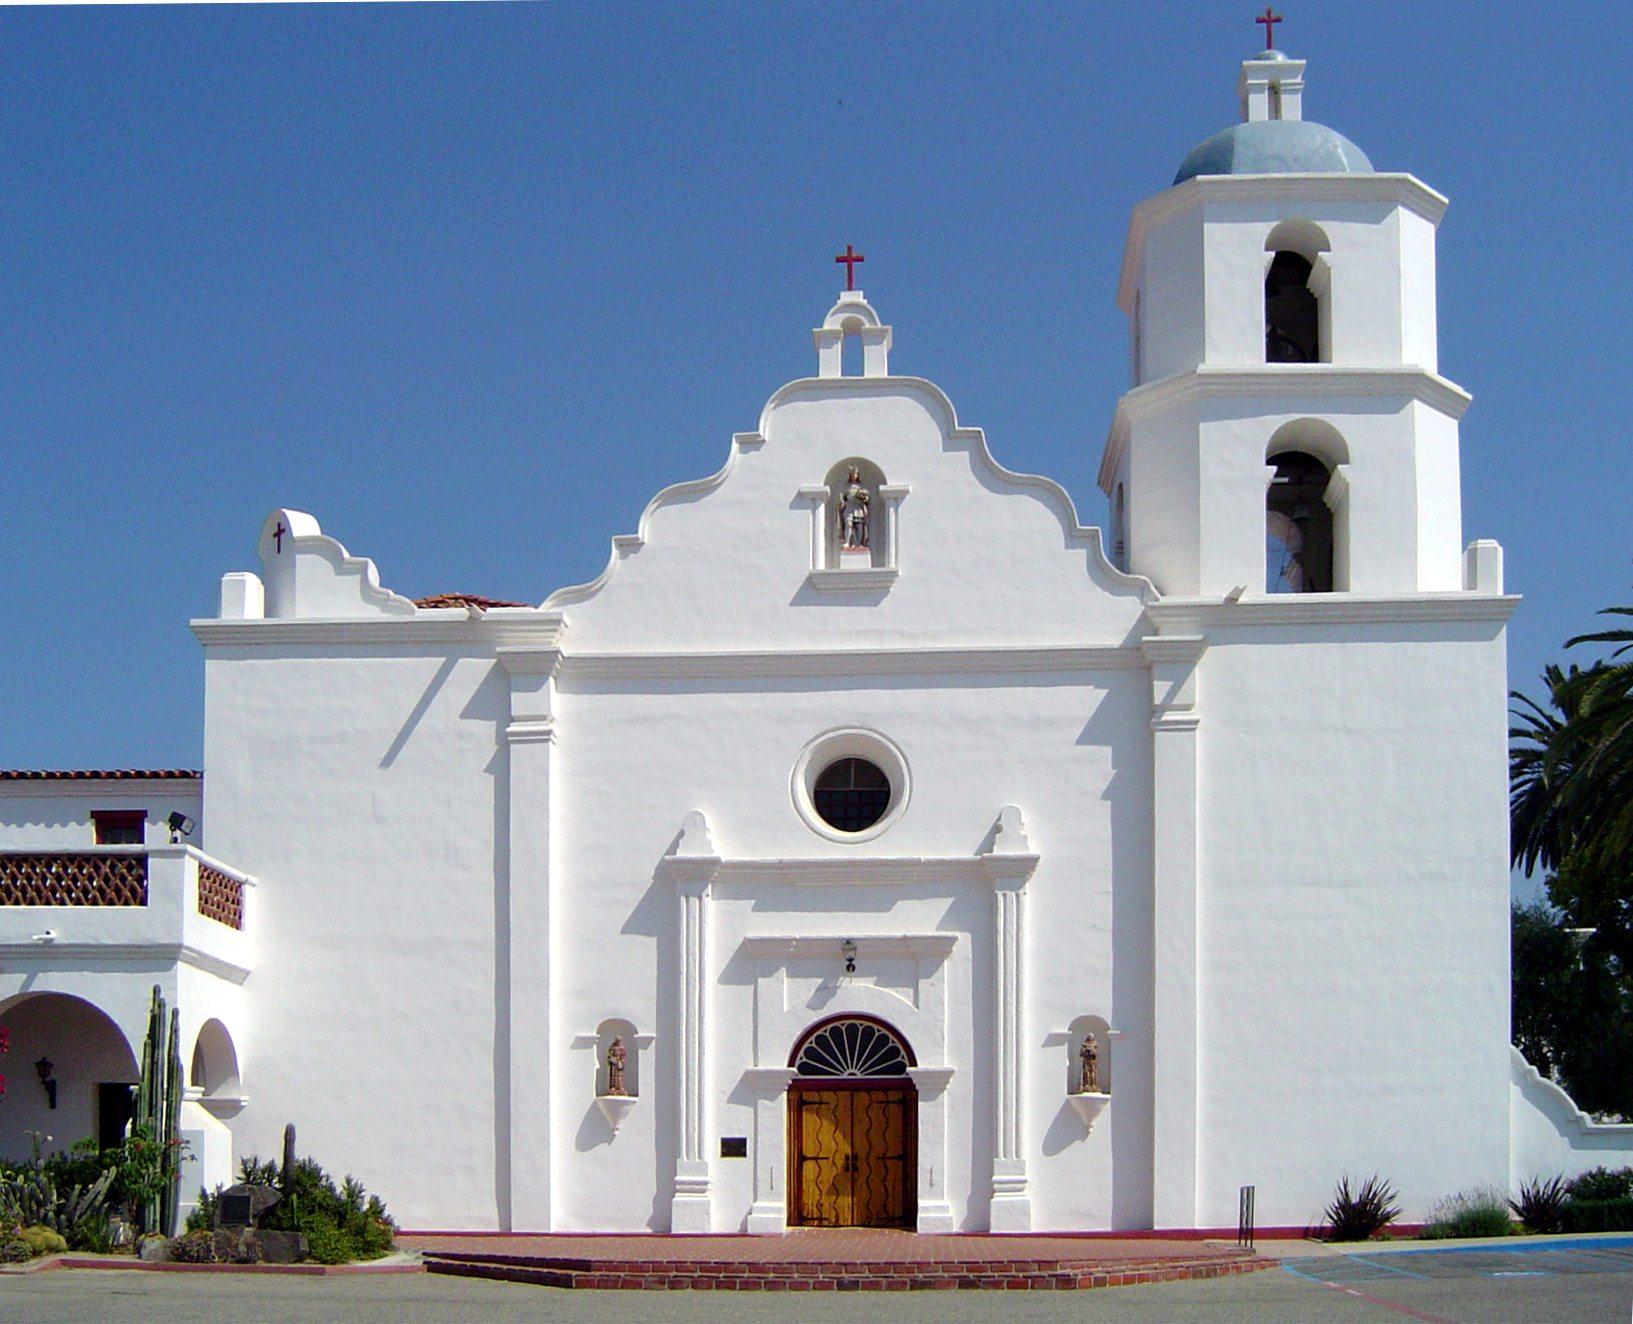 San Luis Rey Vista in county California